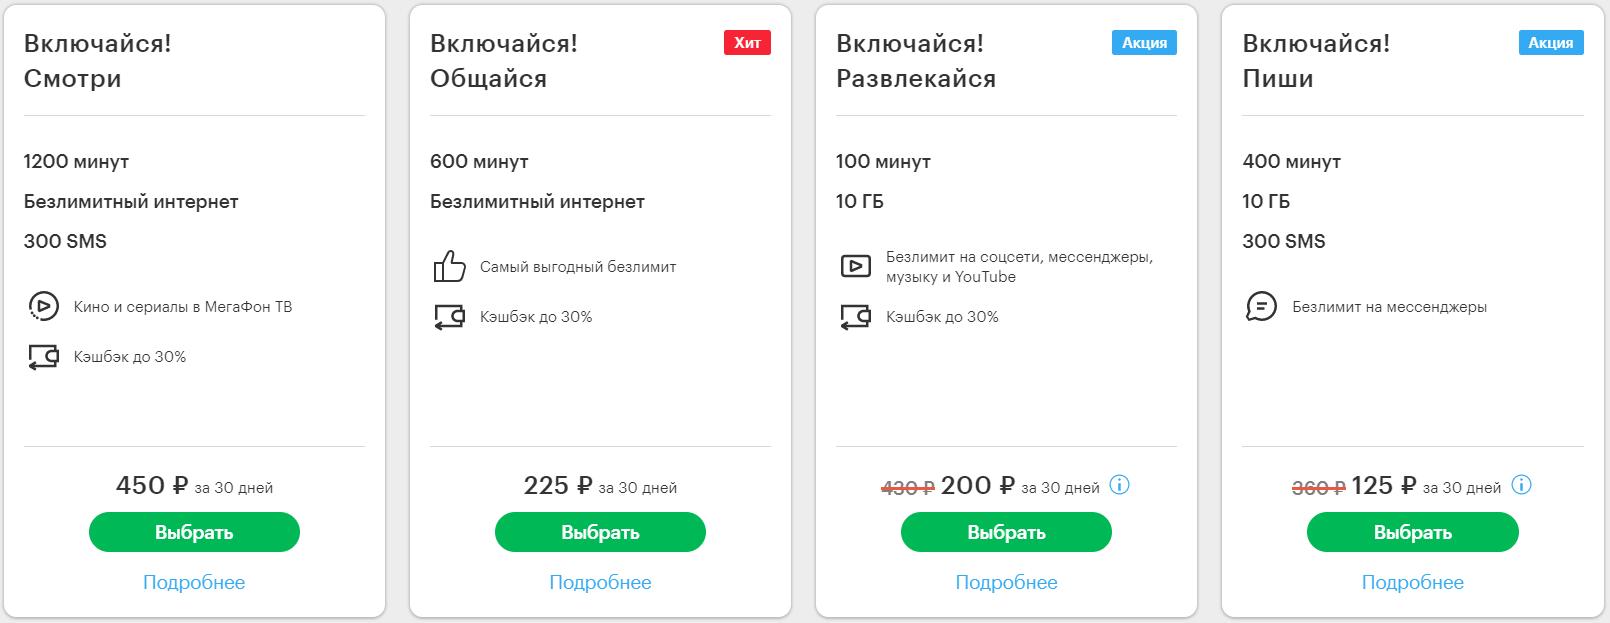 Тарифы Мегафона в Иваново для смартфона